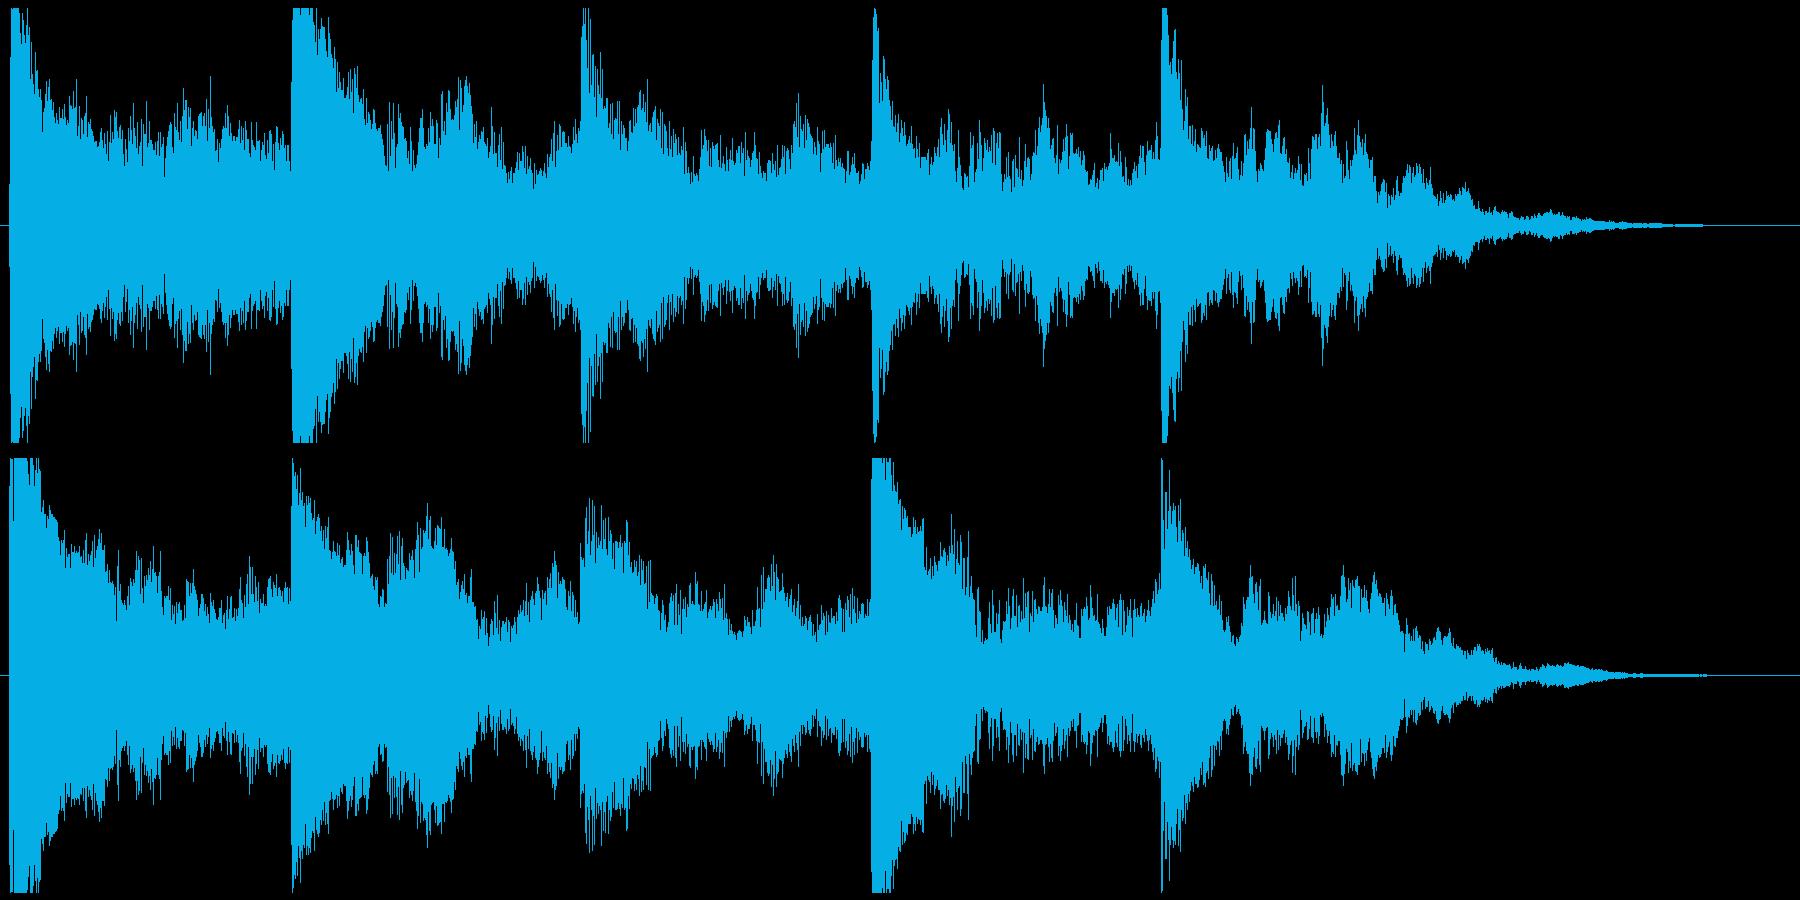 5秒CM用、セール、イベント告知verAの再生済みの波形